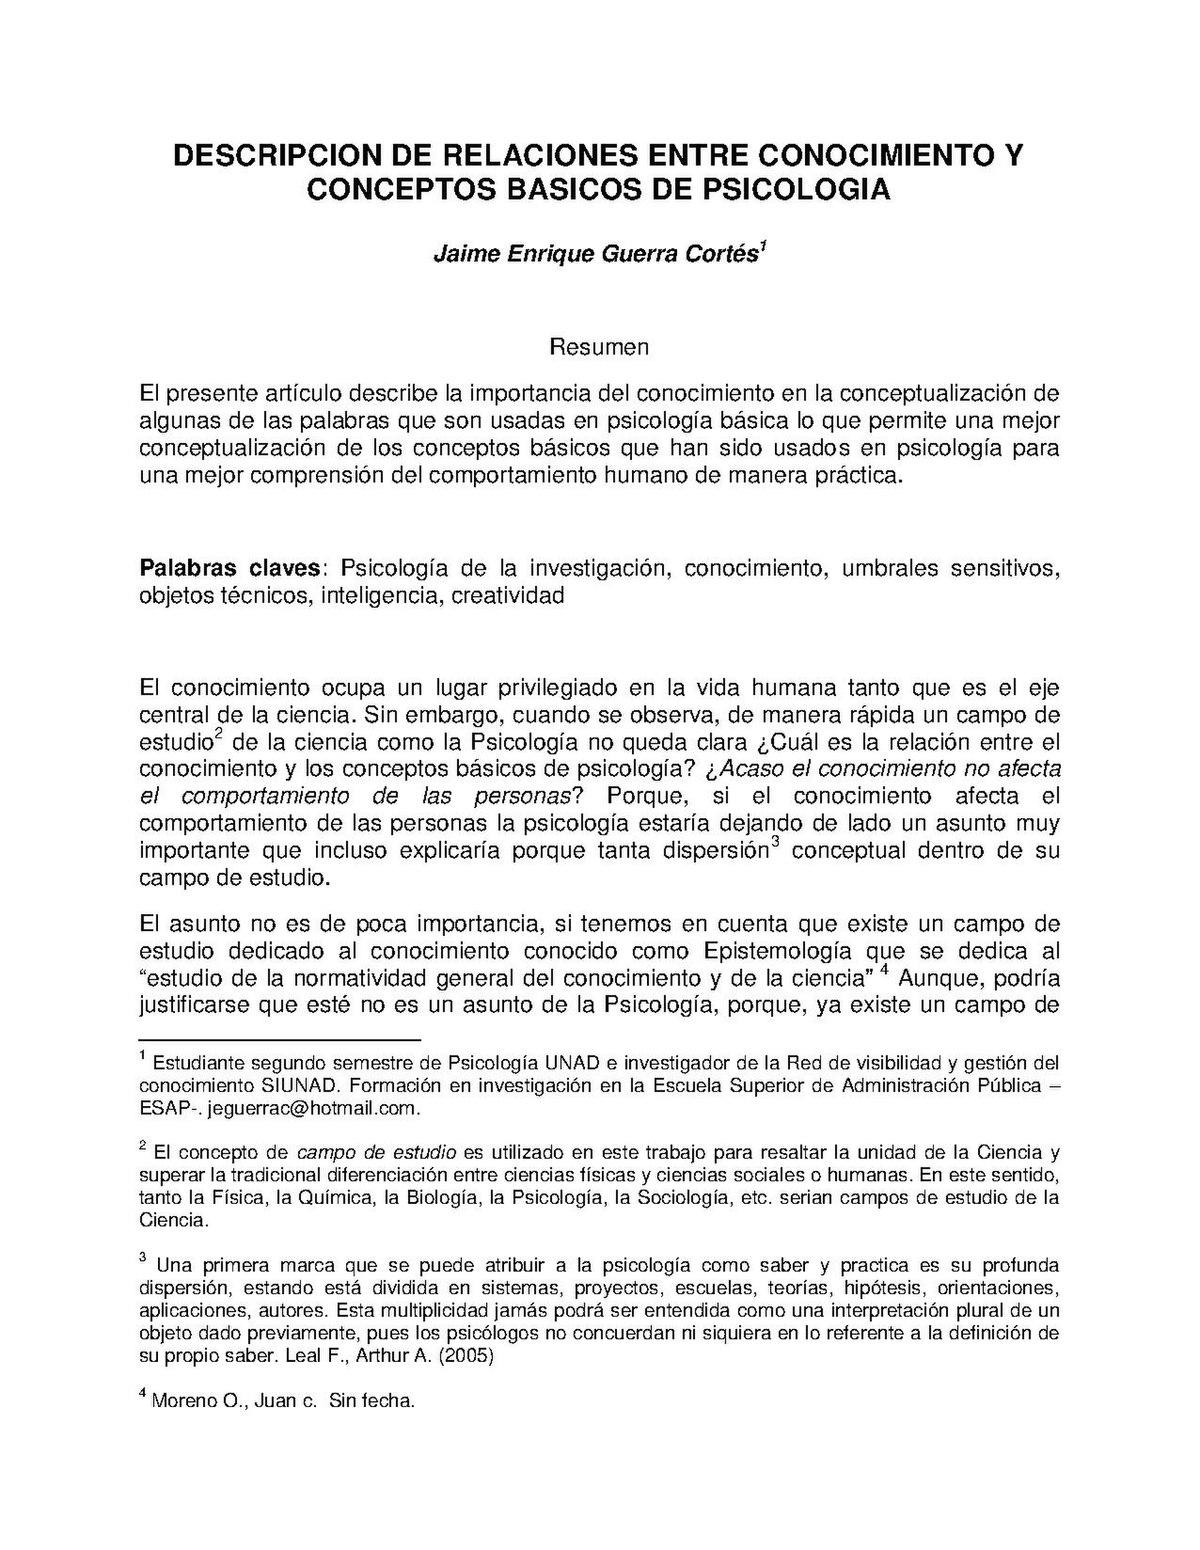 File:Psicologa de la investigacin.pdf - Wikimedia Commons